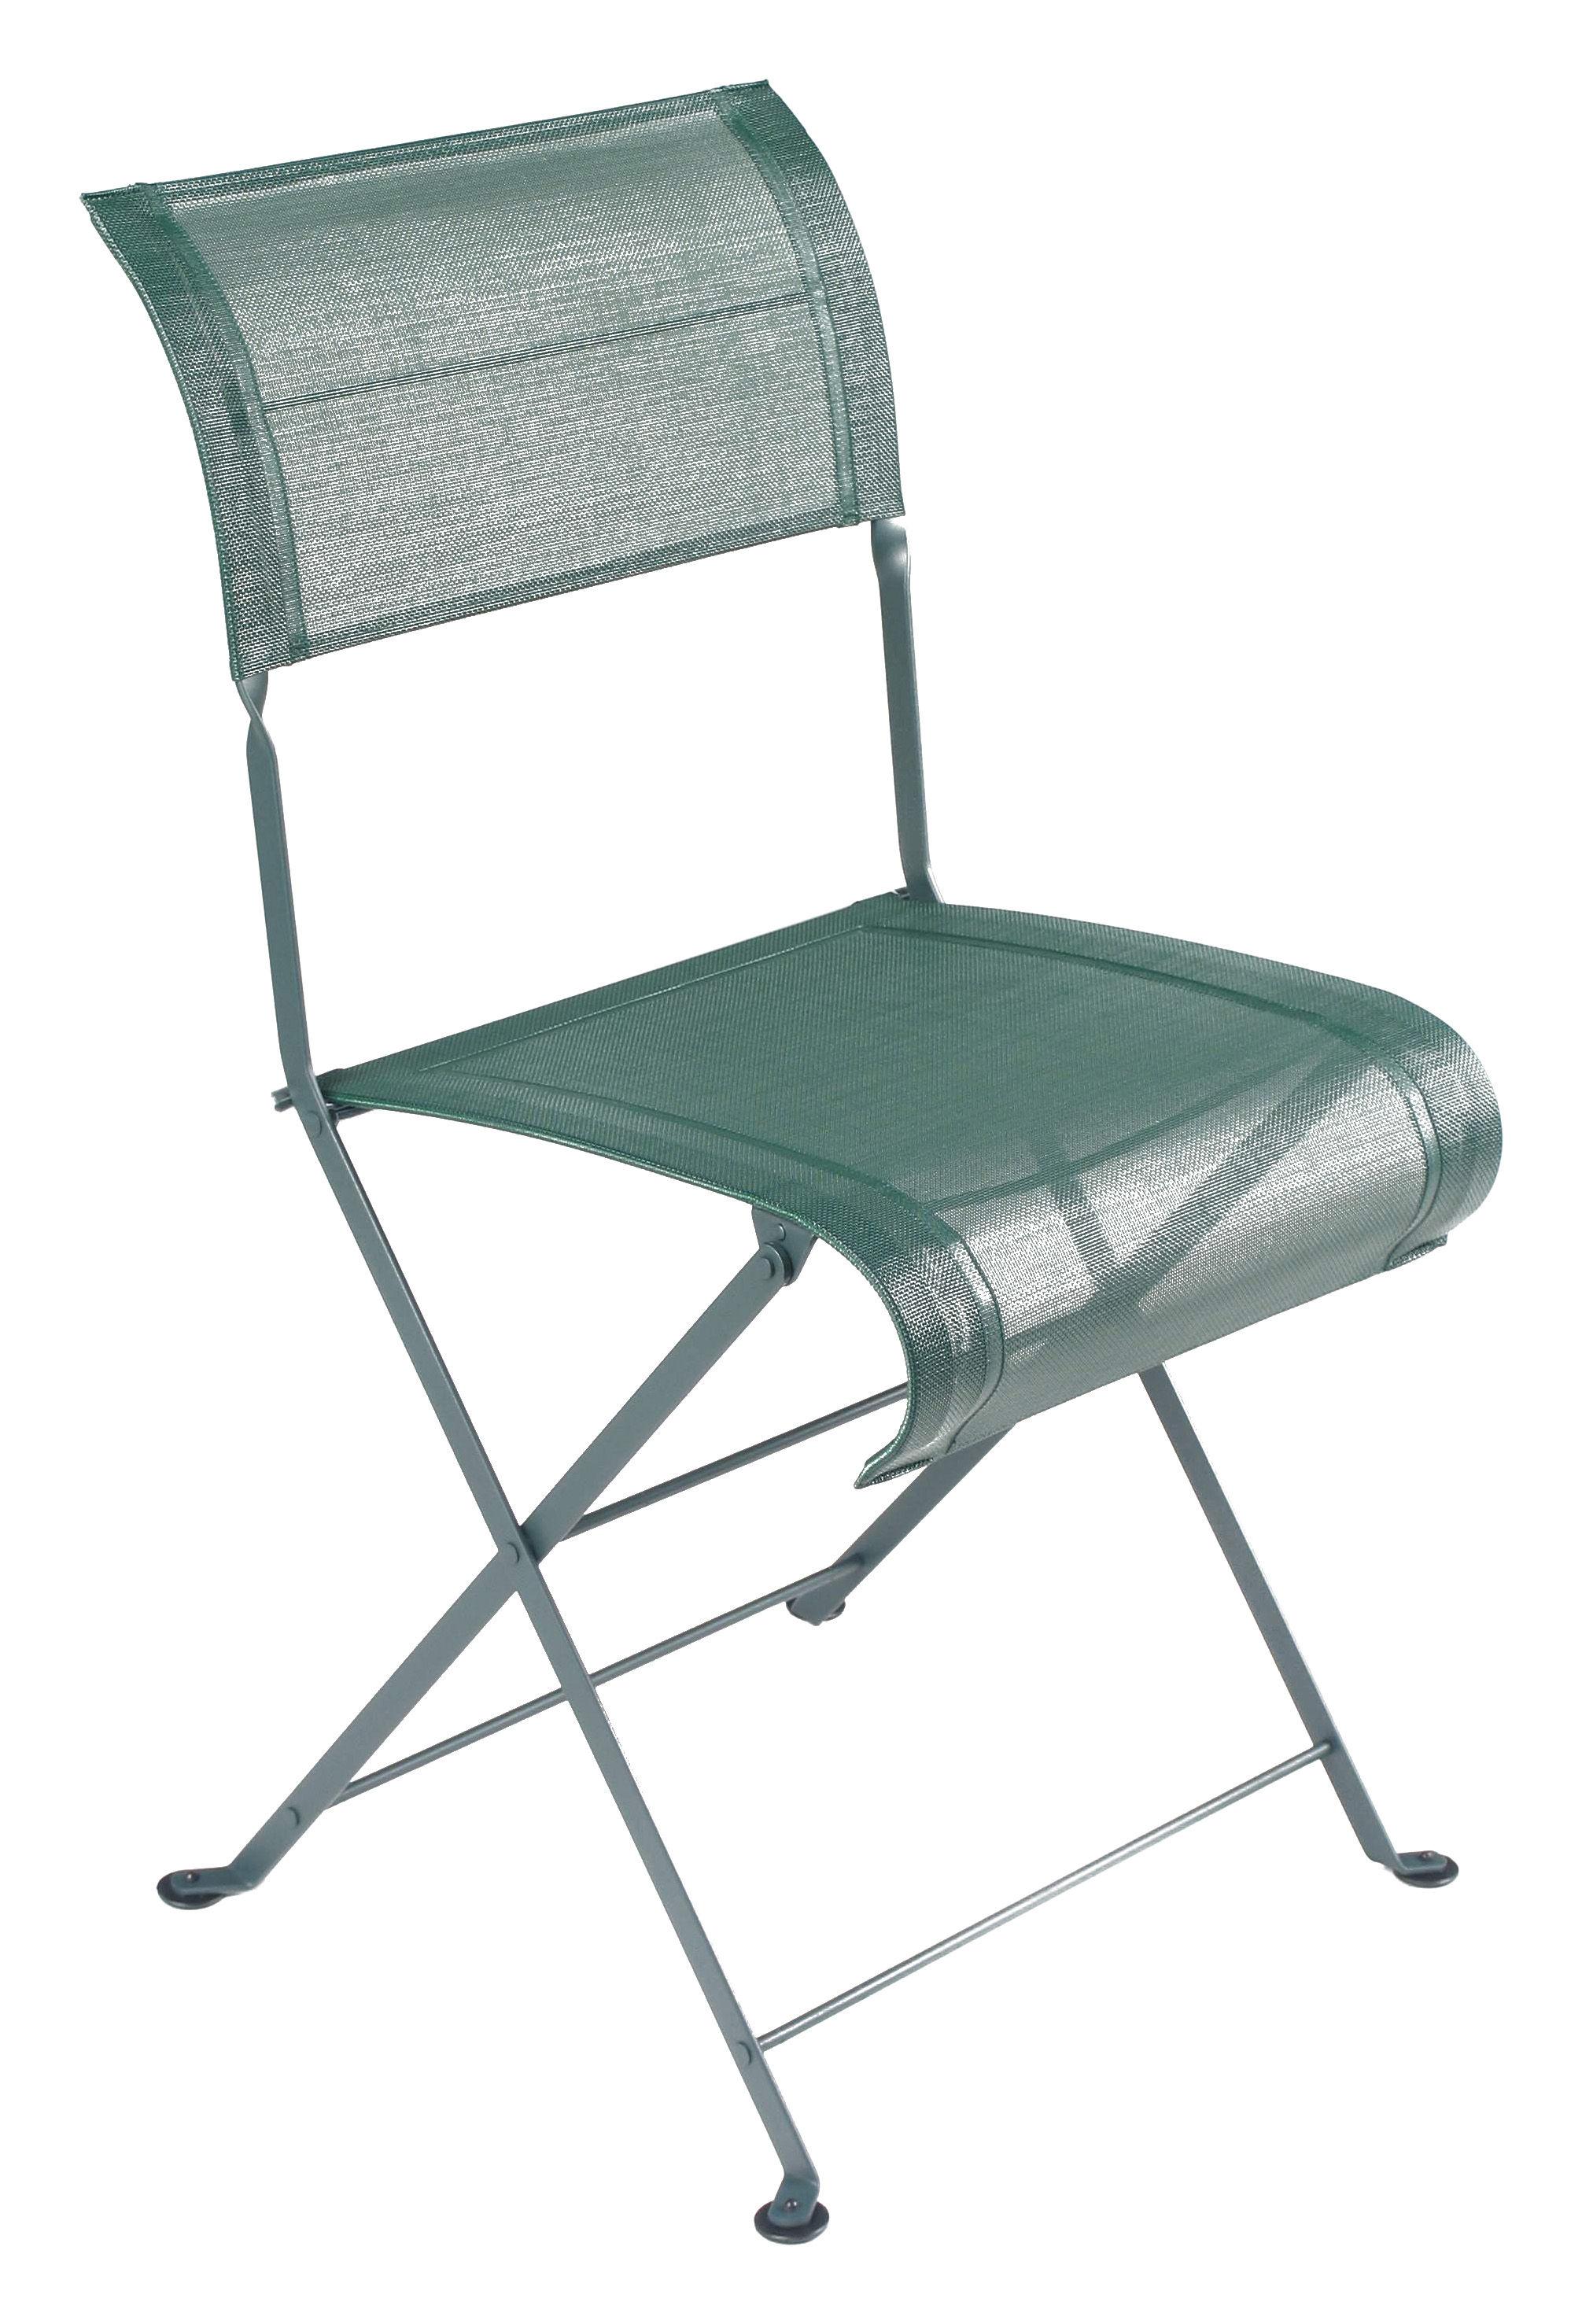 Chaise pliante dune toile c dre fermob - Chaise pliante toile ...